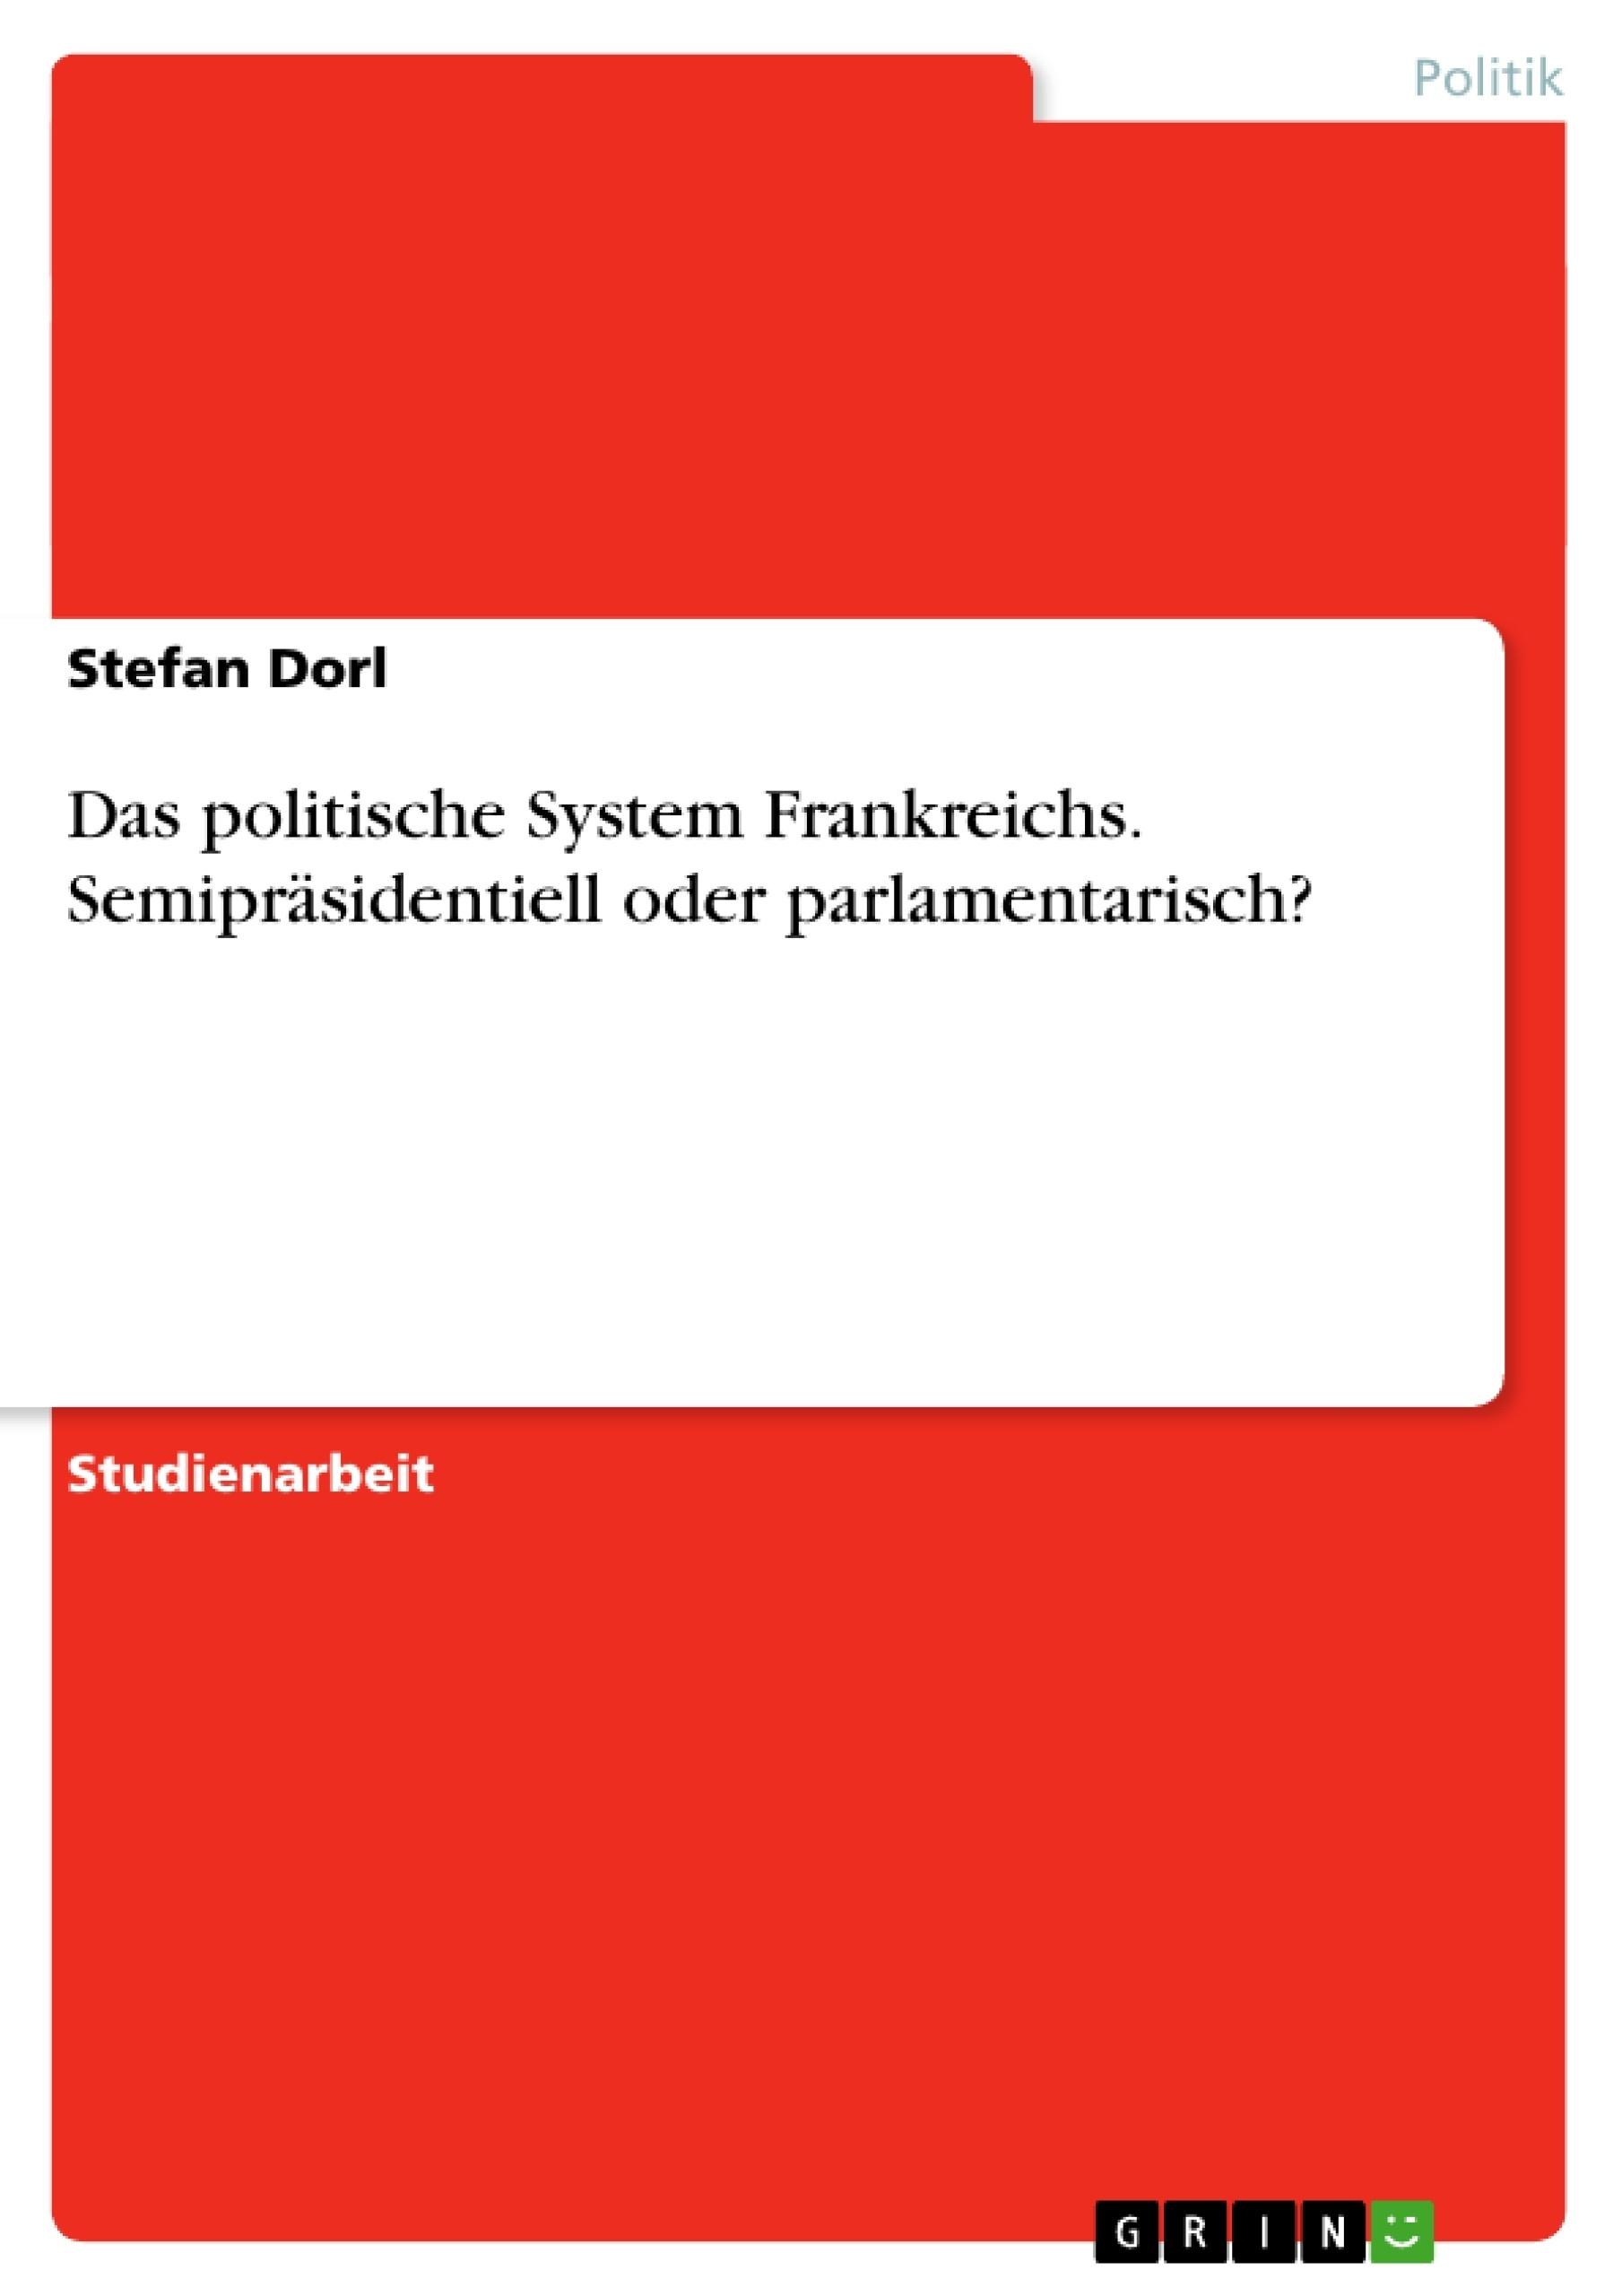 Titel: Das politische System Frankreichs. Semipräsidentiell oder parlamentarisch?